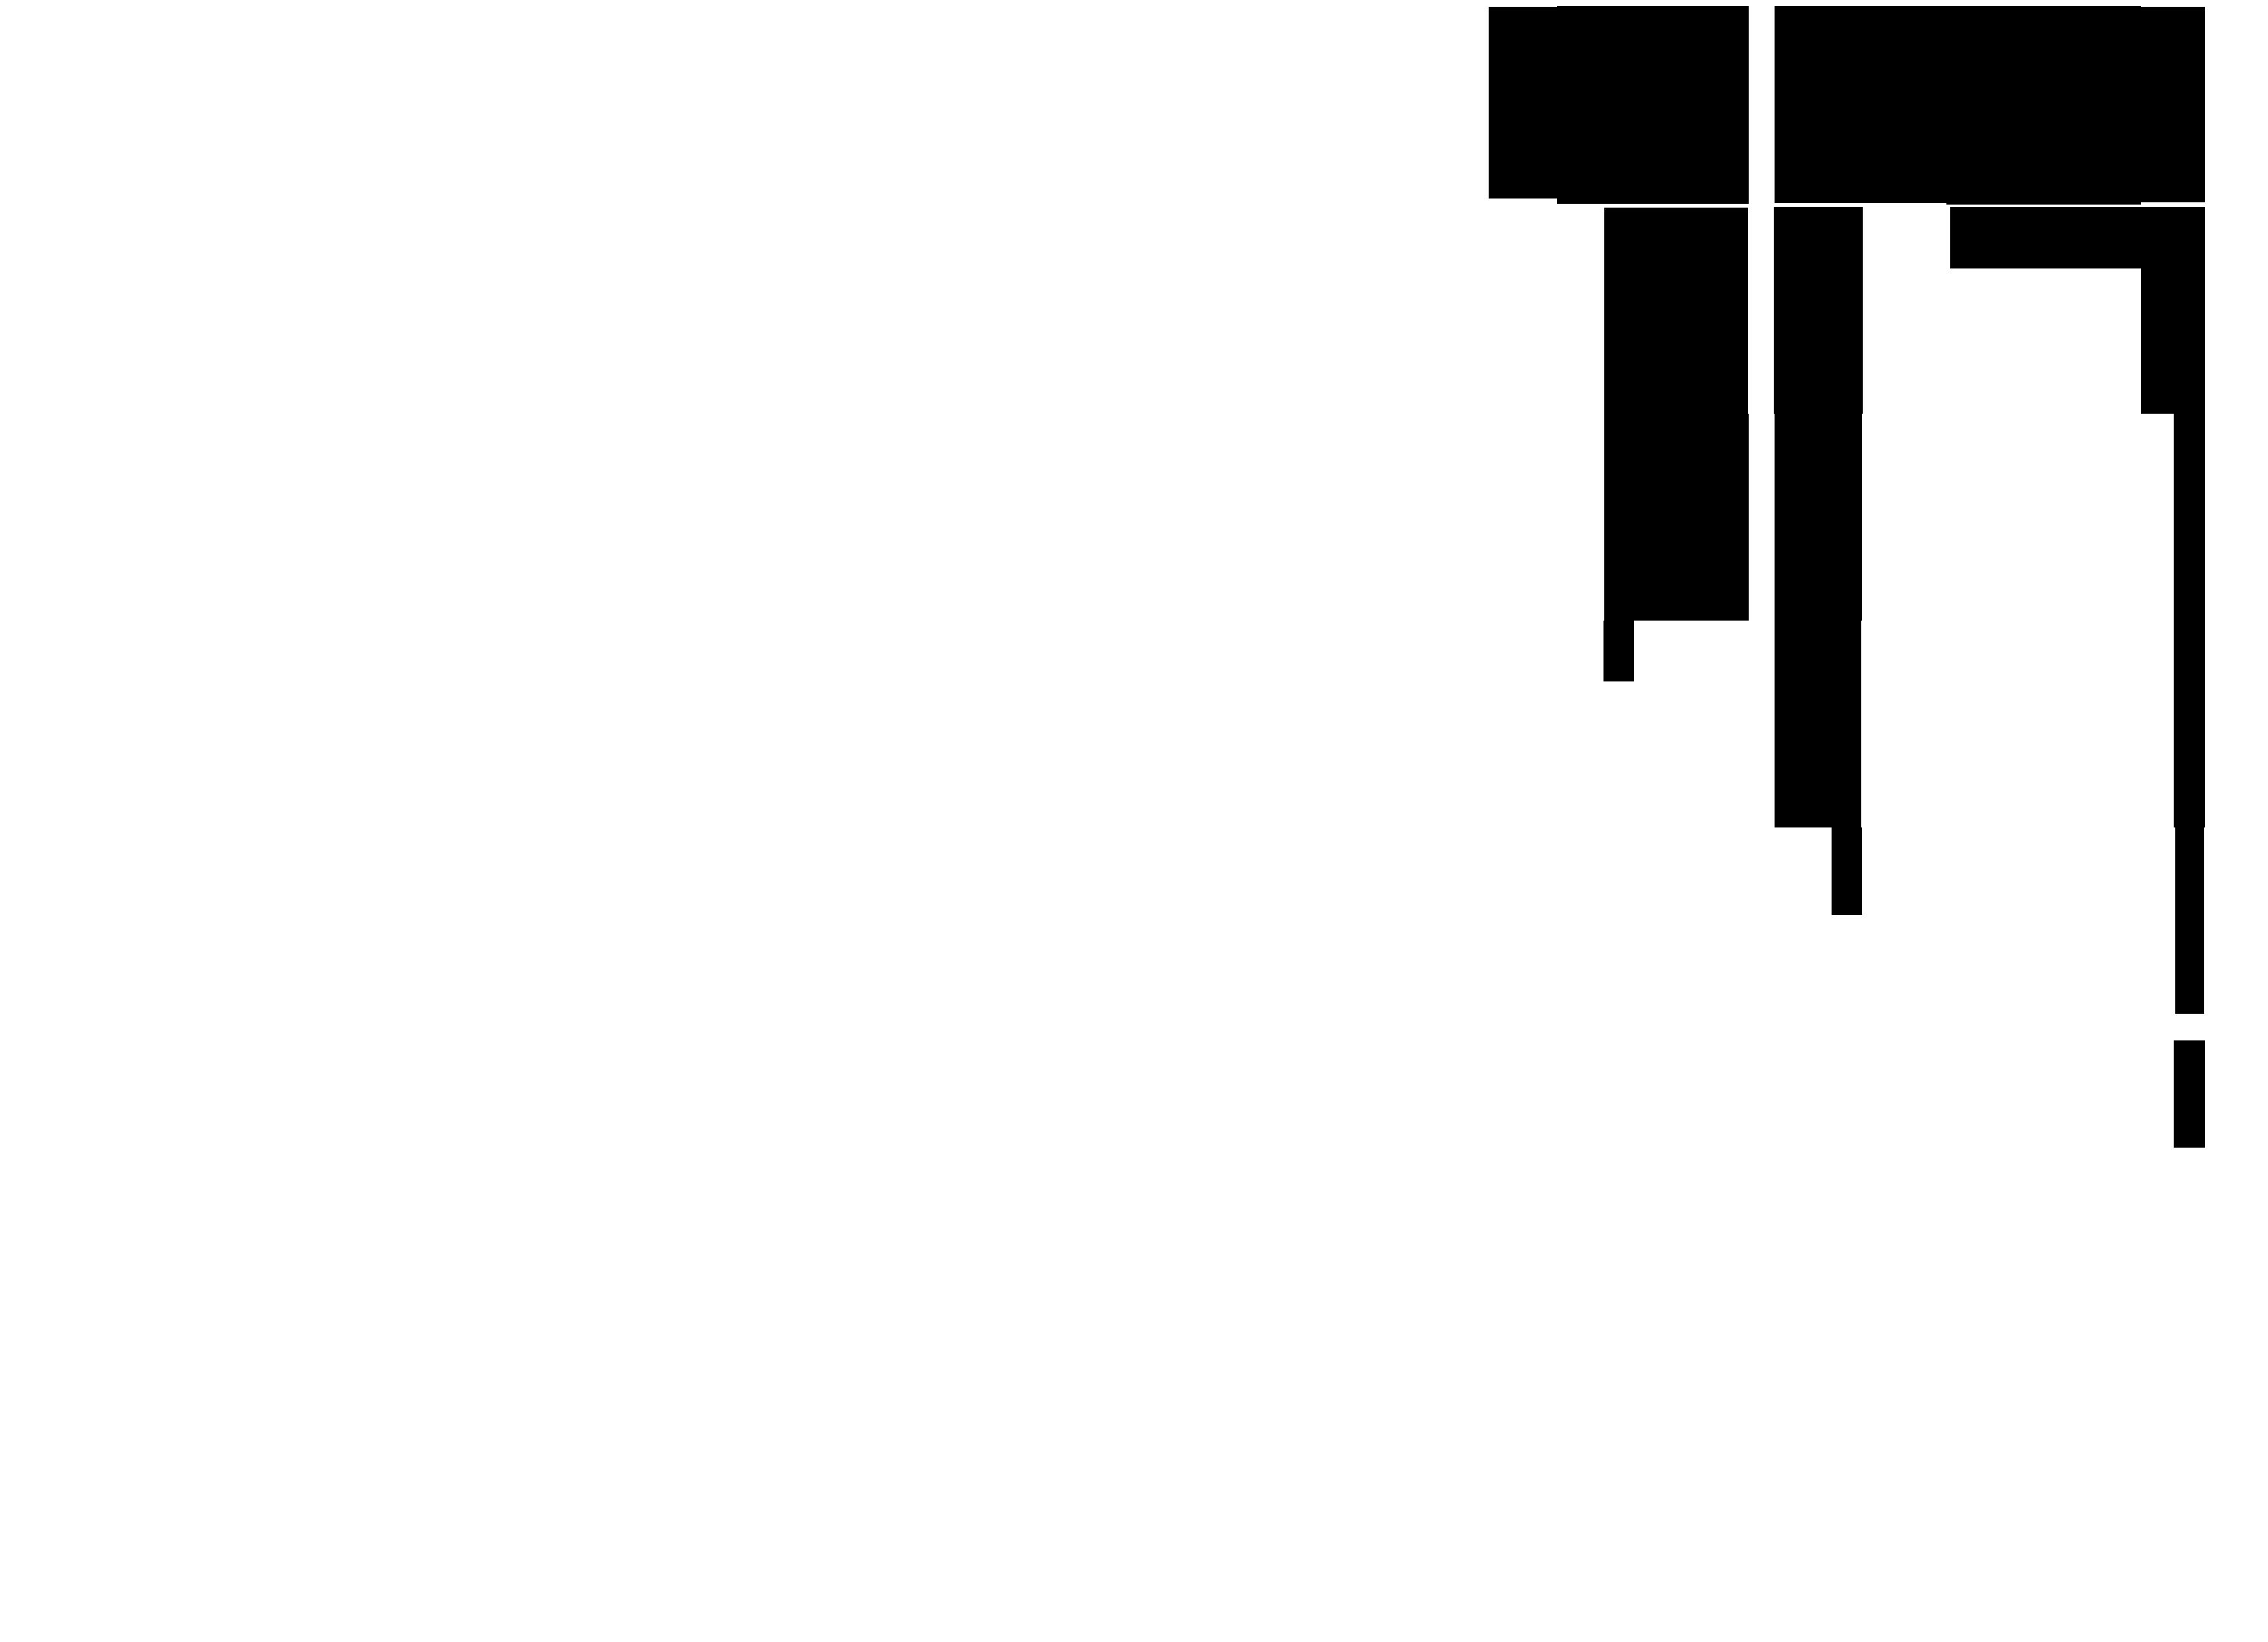 コマガネ詩20140405-2